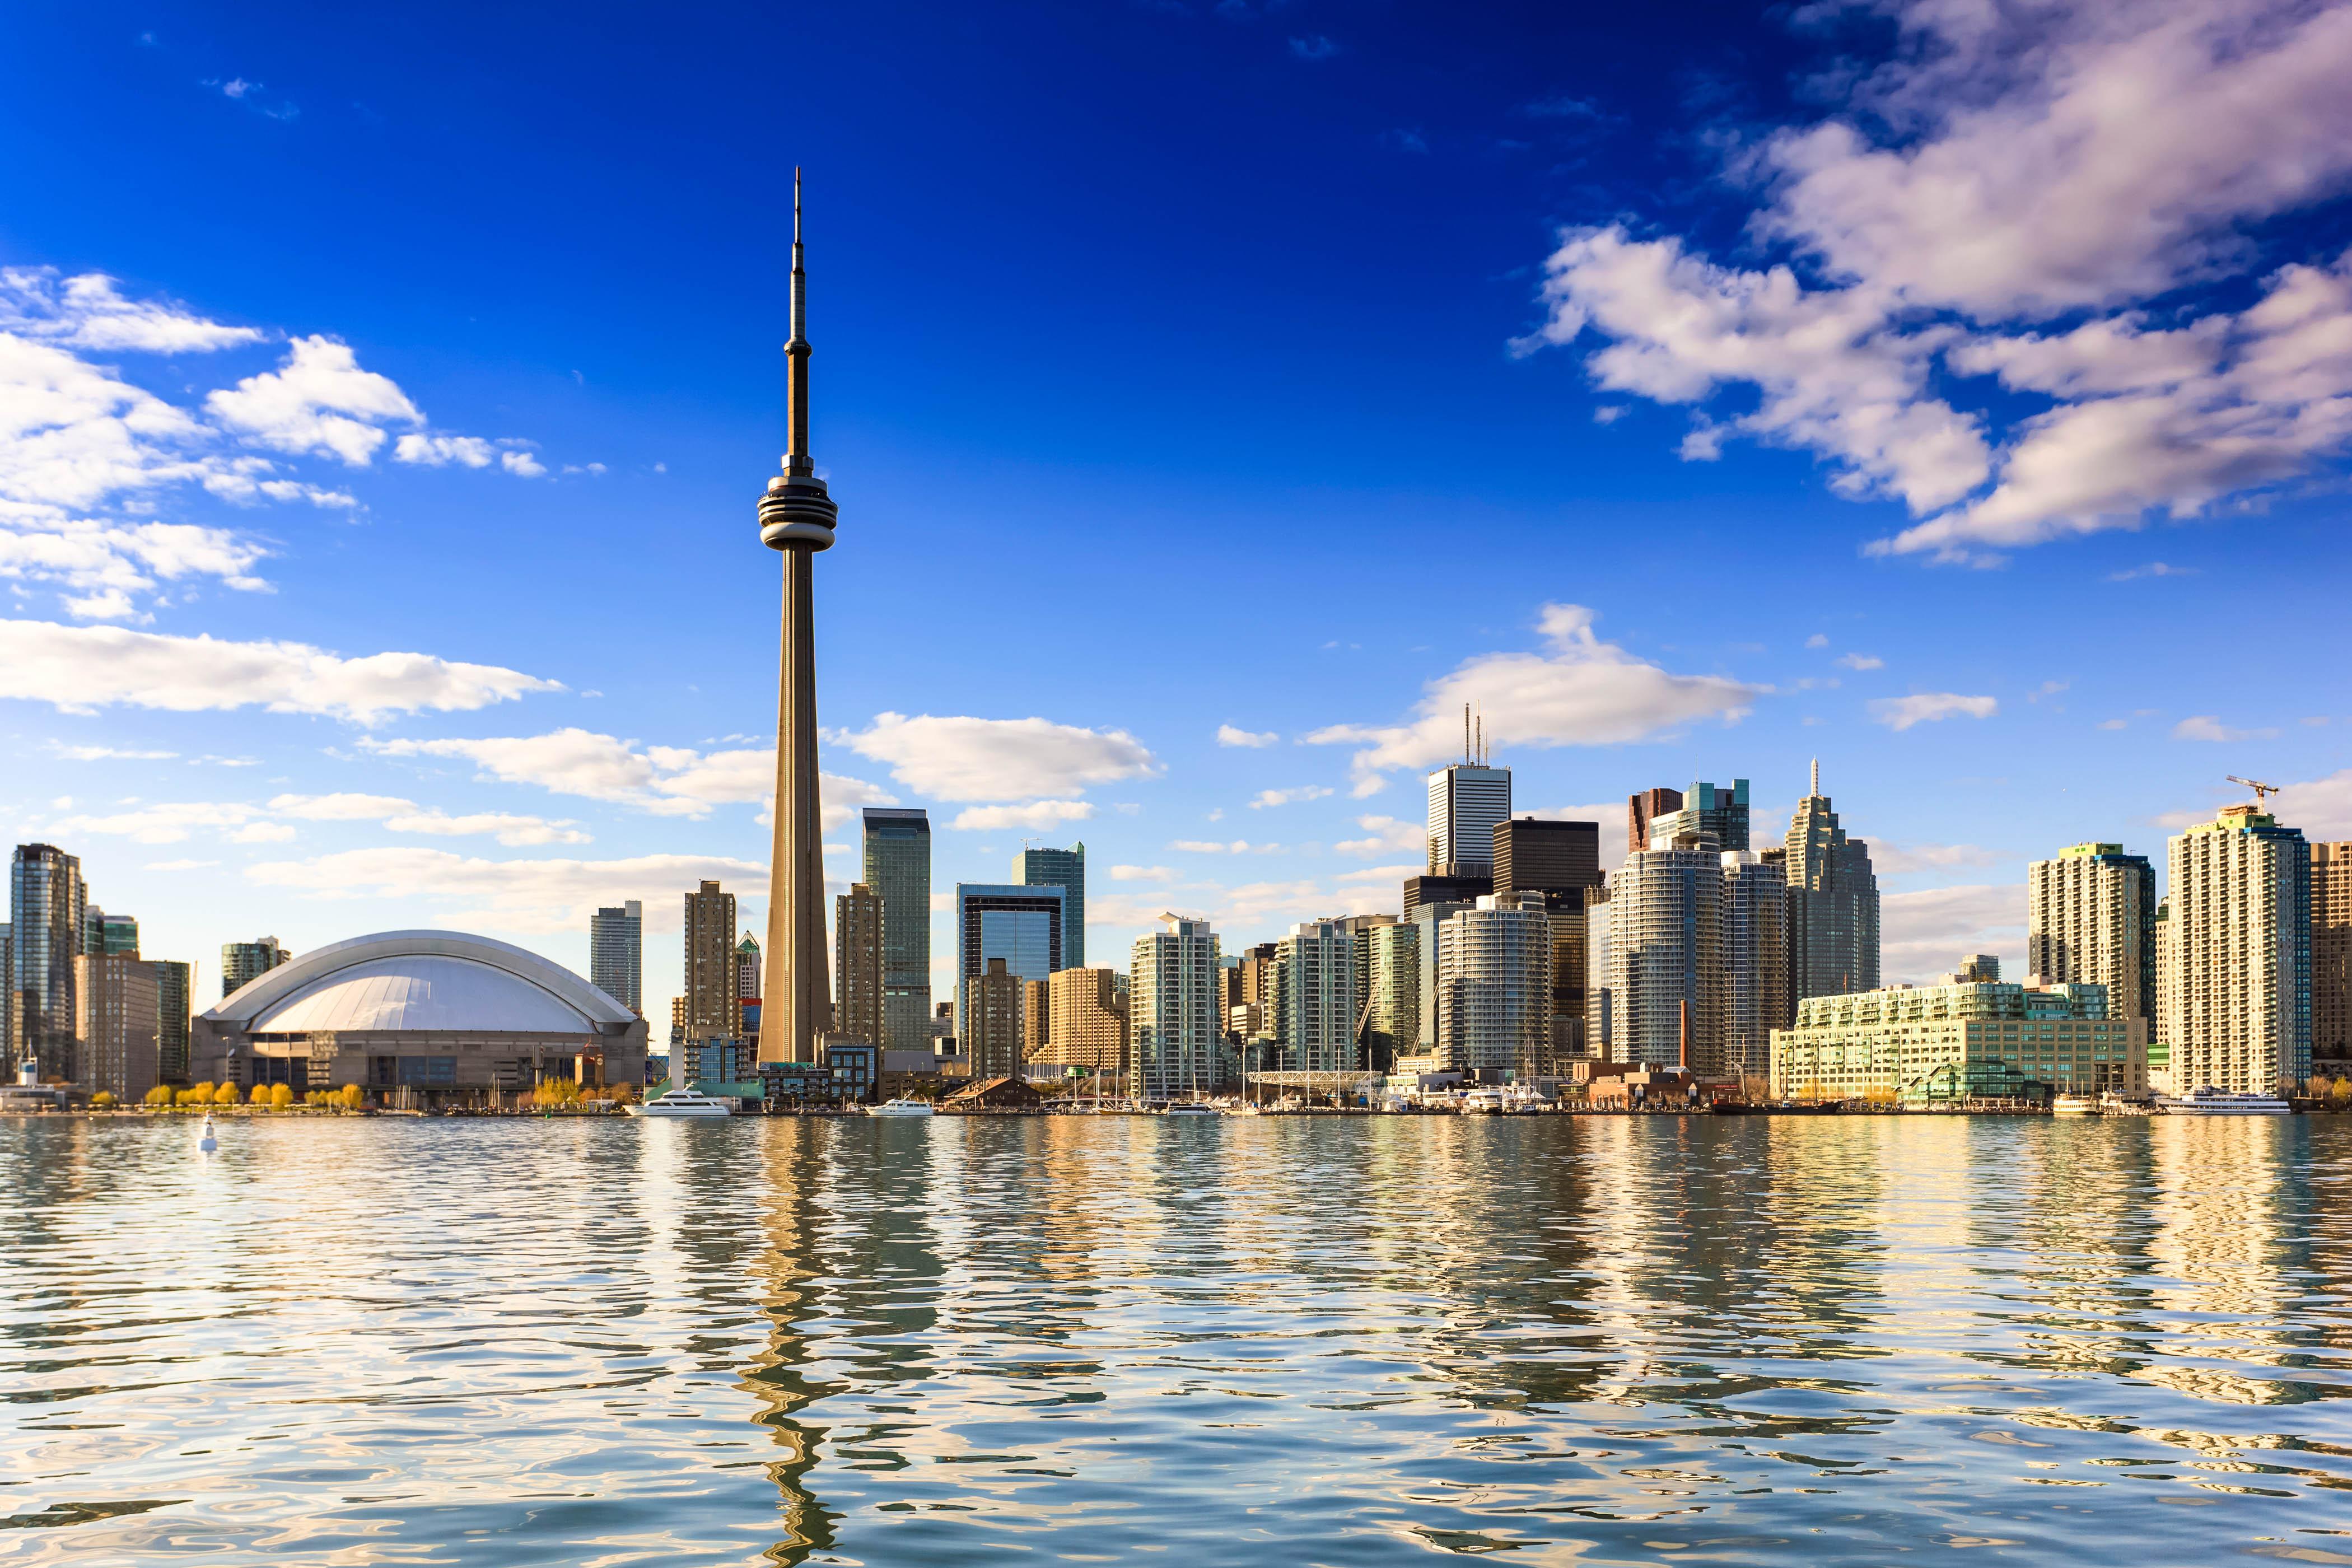 Nonstop nach Kanada: Hin- und Rückflug von Amsterdam nach Toronto ab 291€ im September - April mit Air Canada